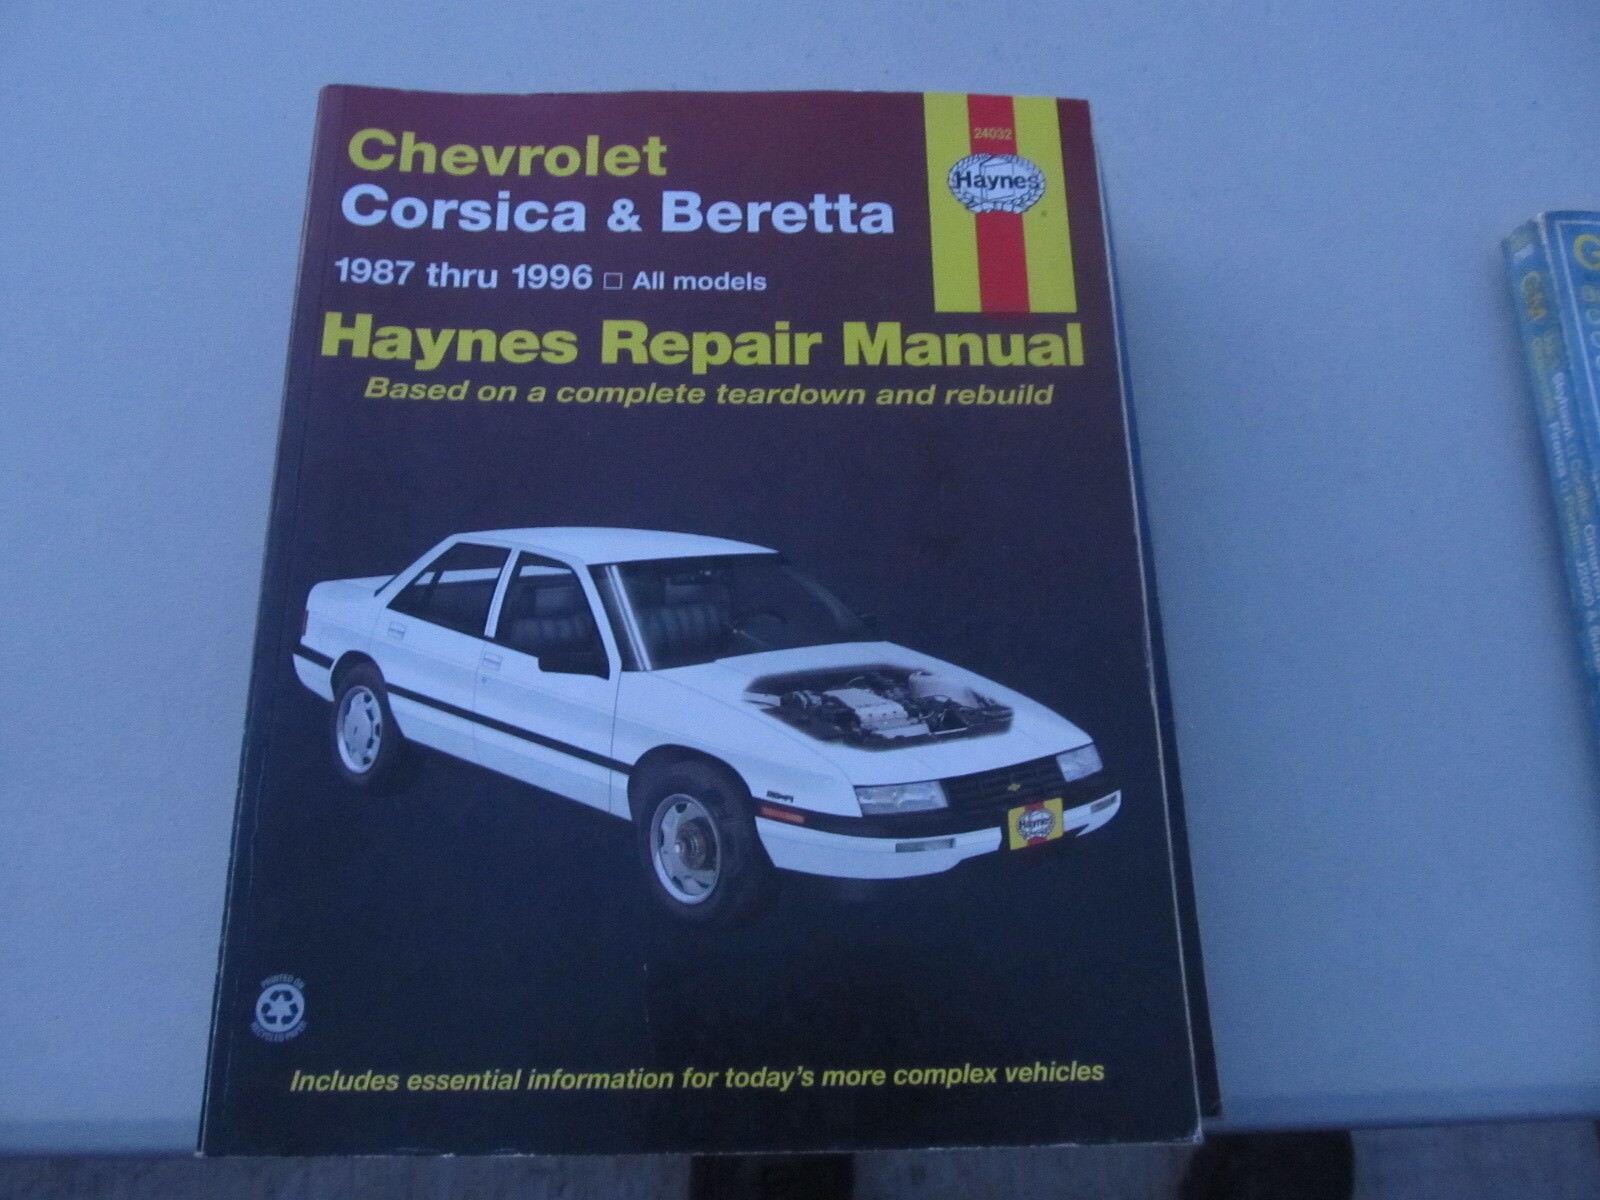 Haynes Chevrolet Corsica & Beretta 1987-1996 repair manual